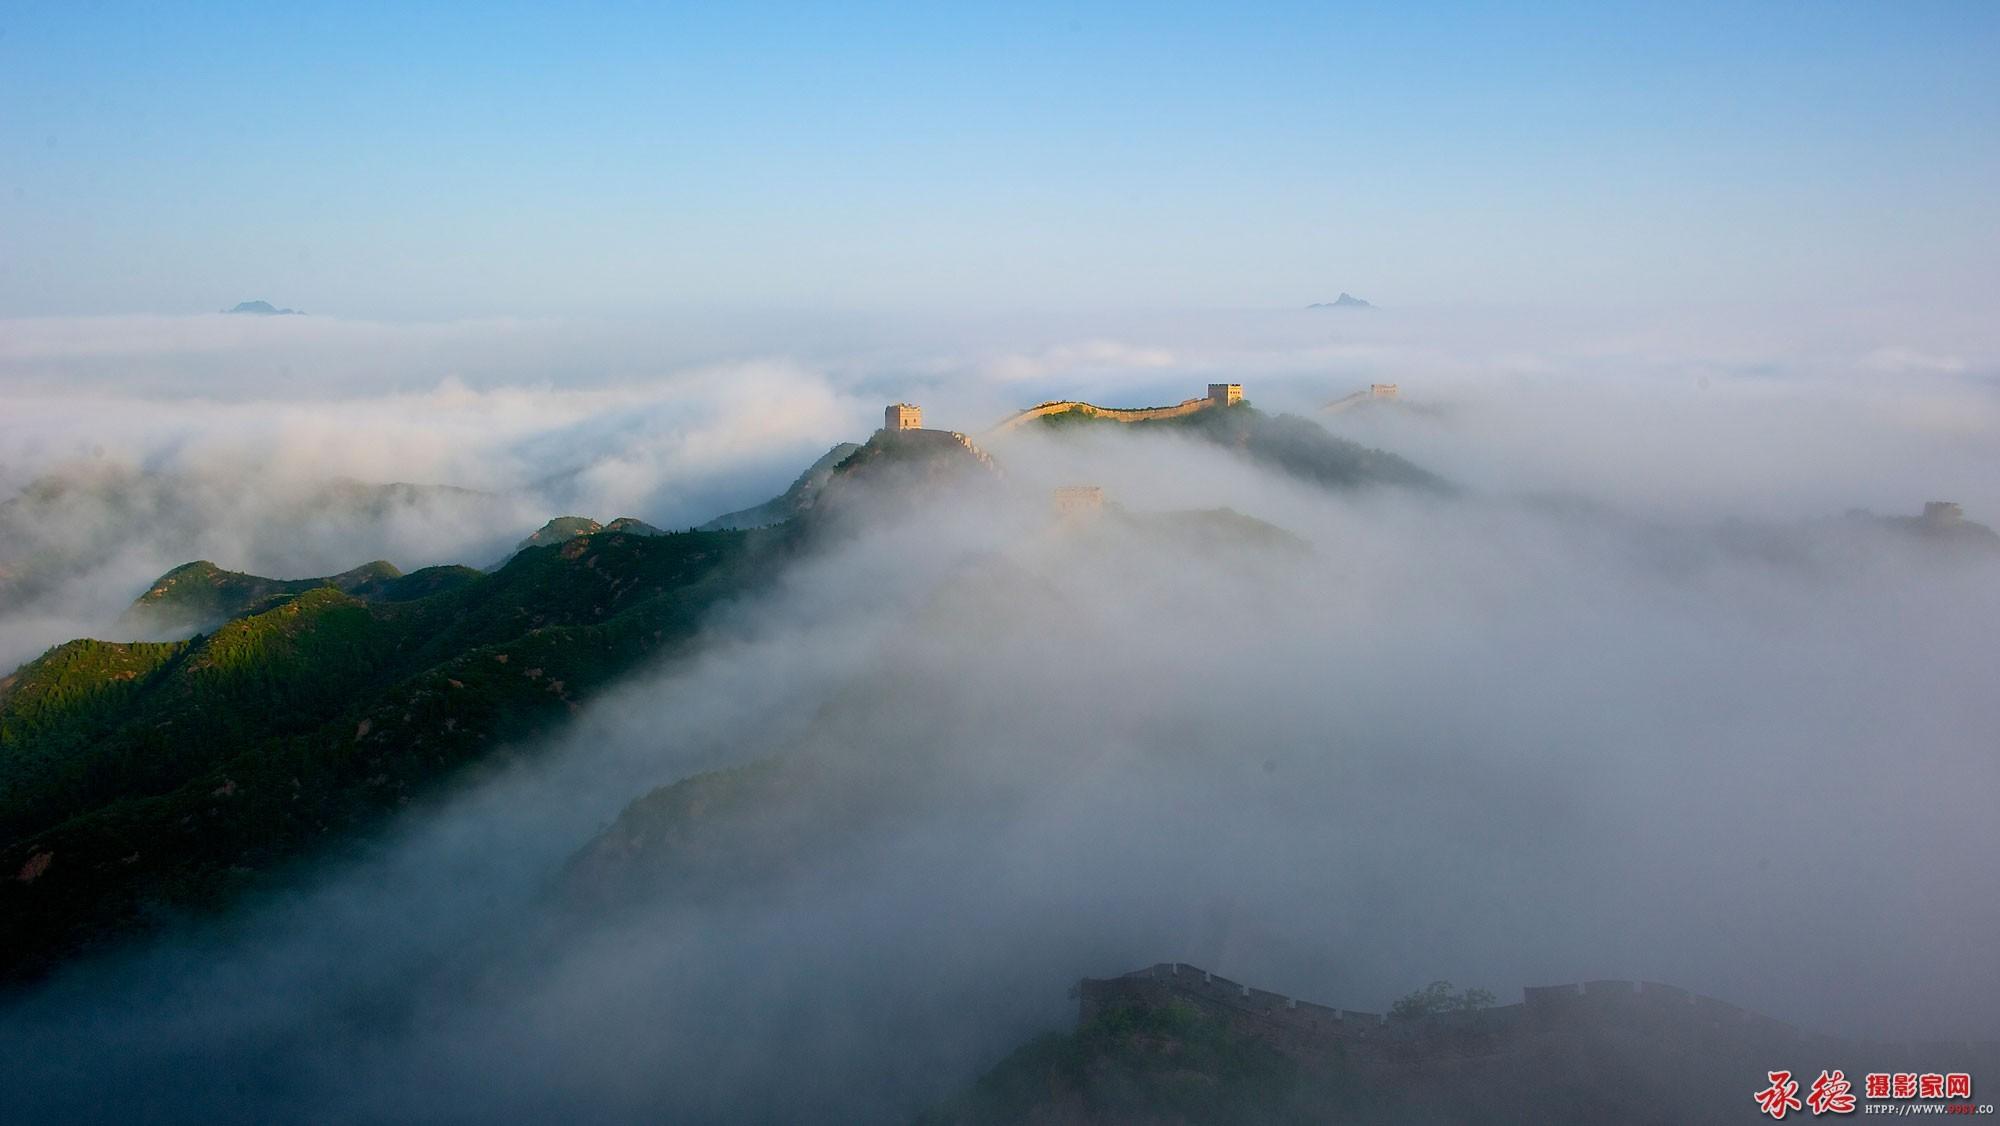 雾锁金山——作者:东方欲晓